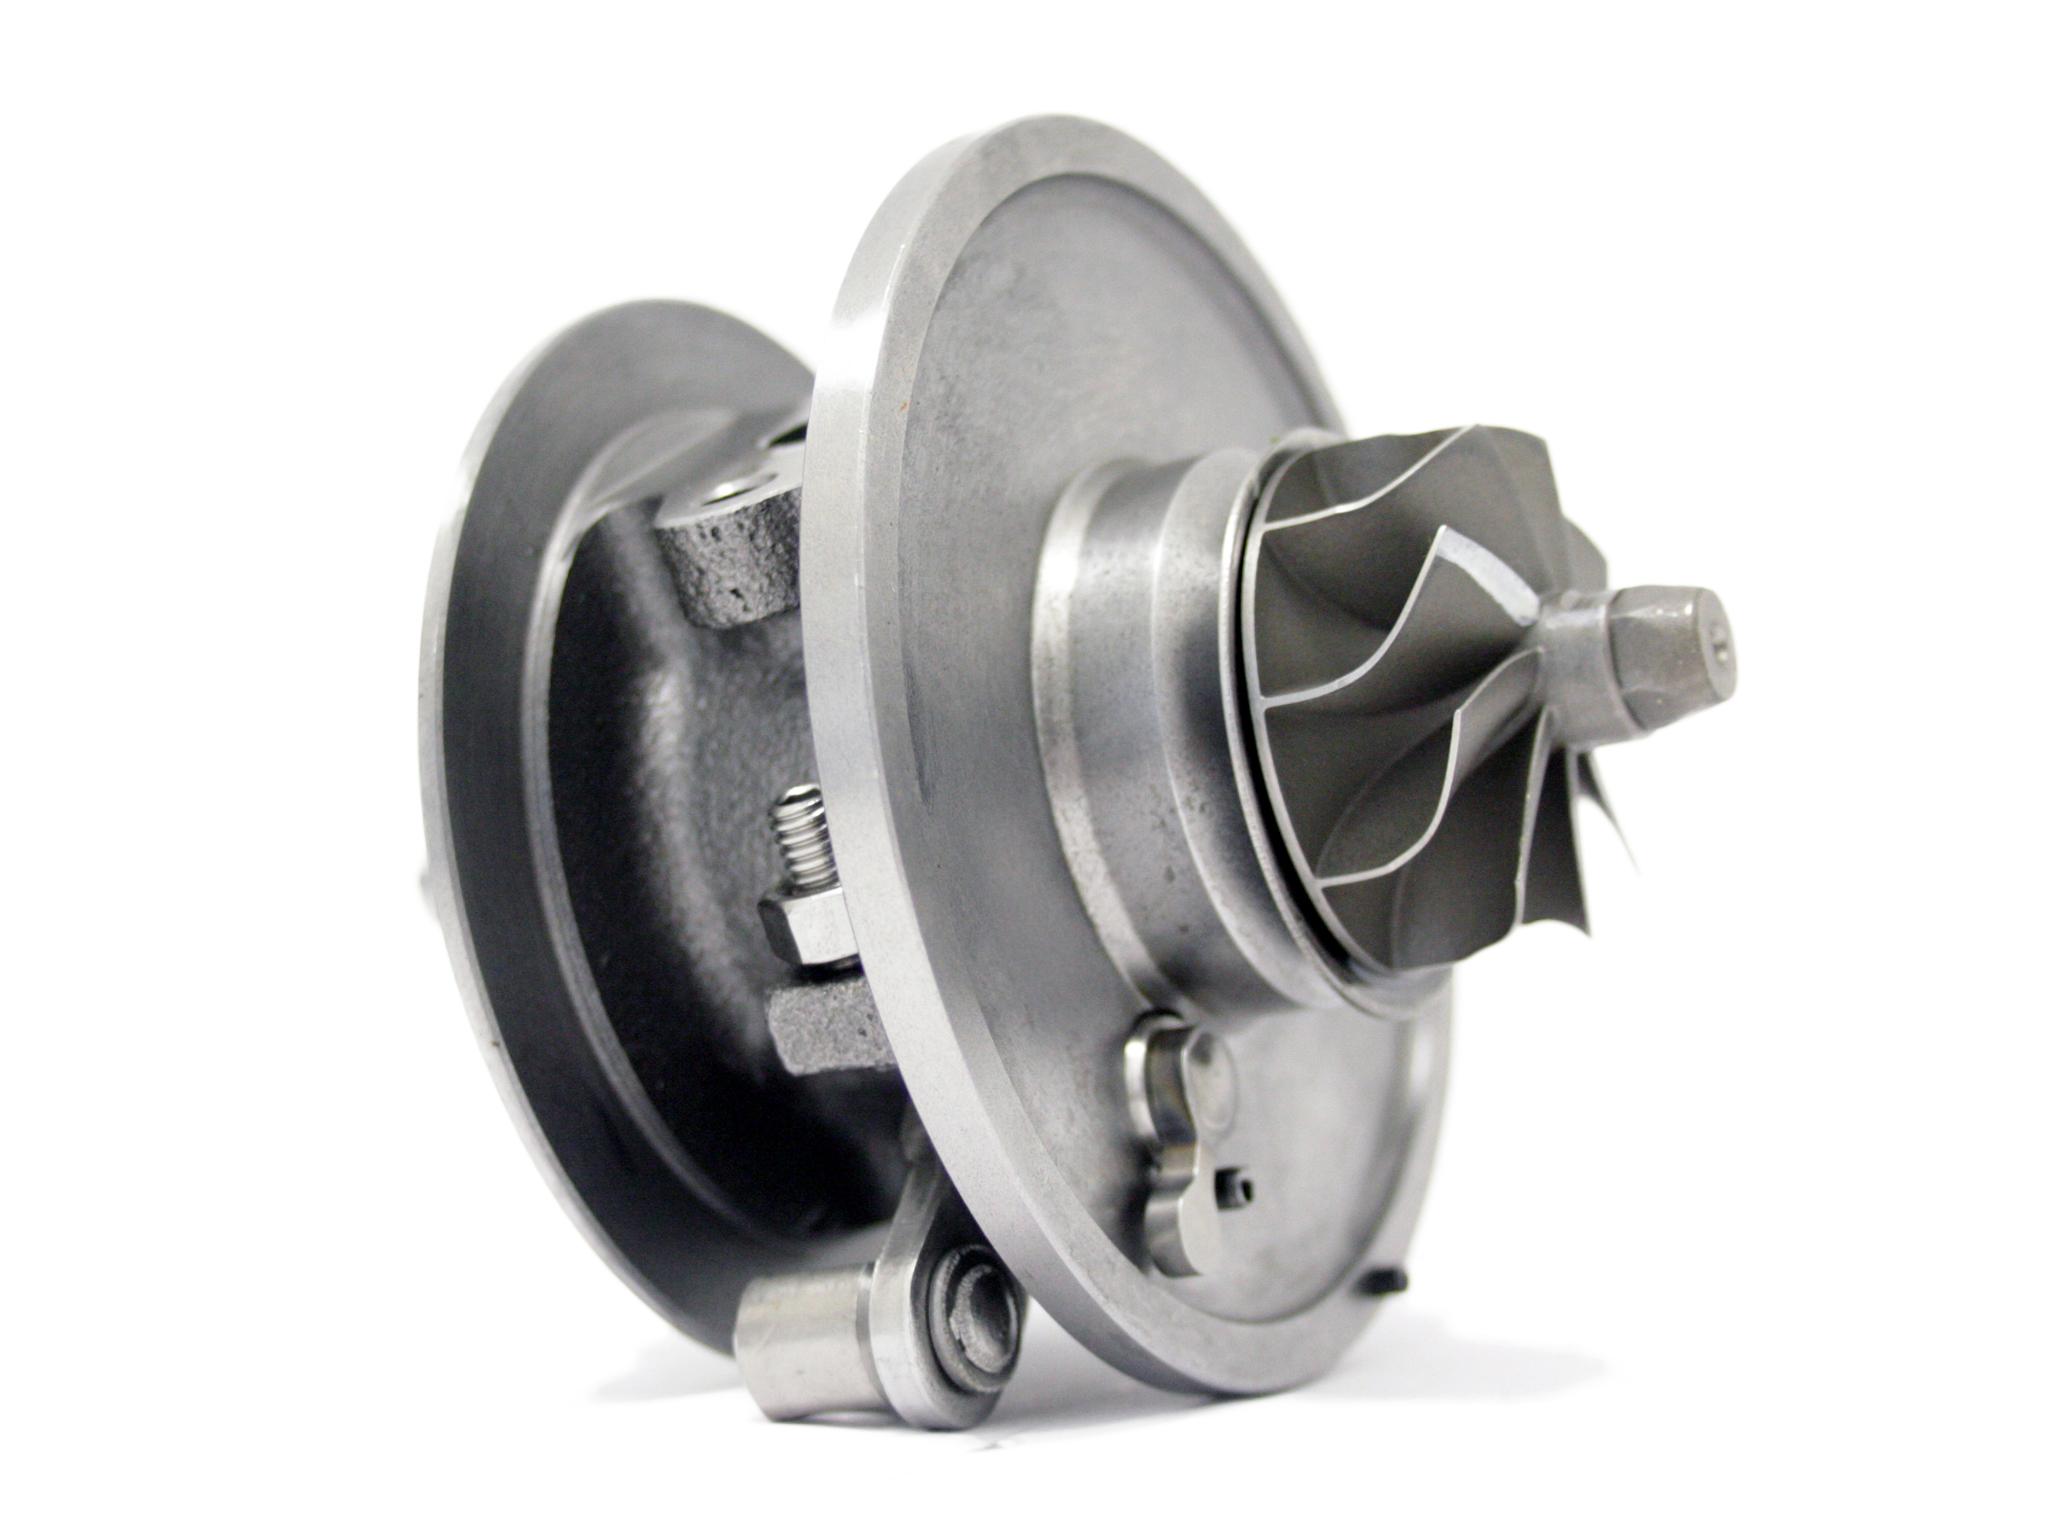 Картридж турбины BV39, KP39 Шкода 1.9 TDI 101-115 л.с.